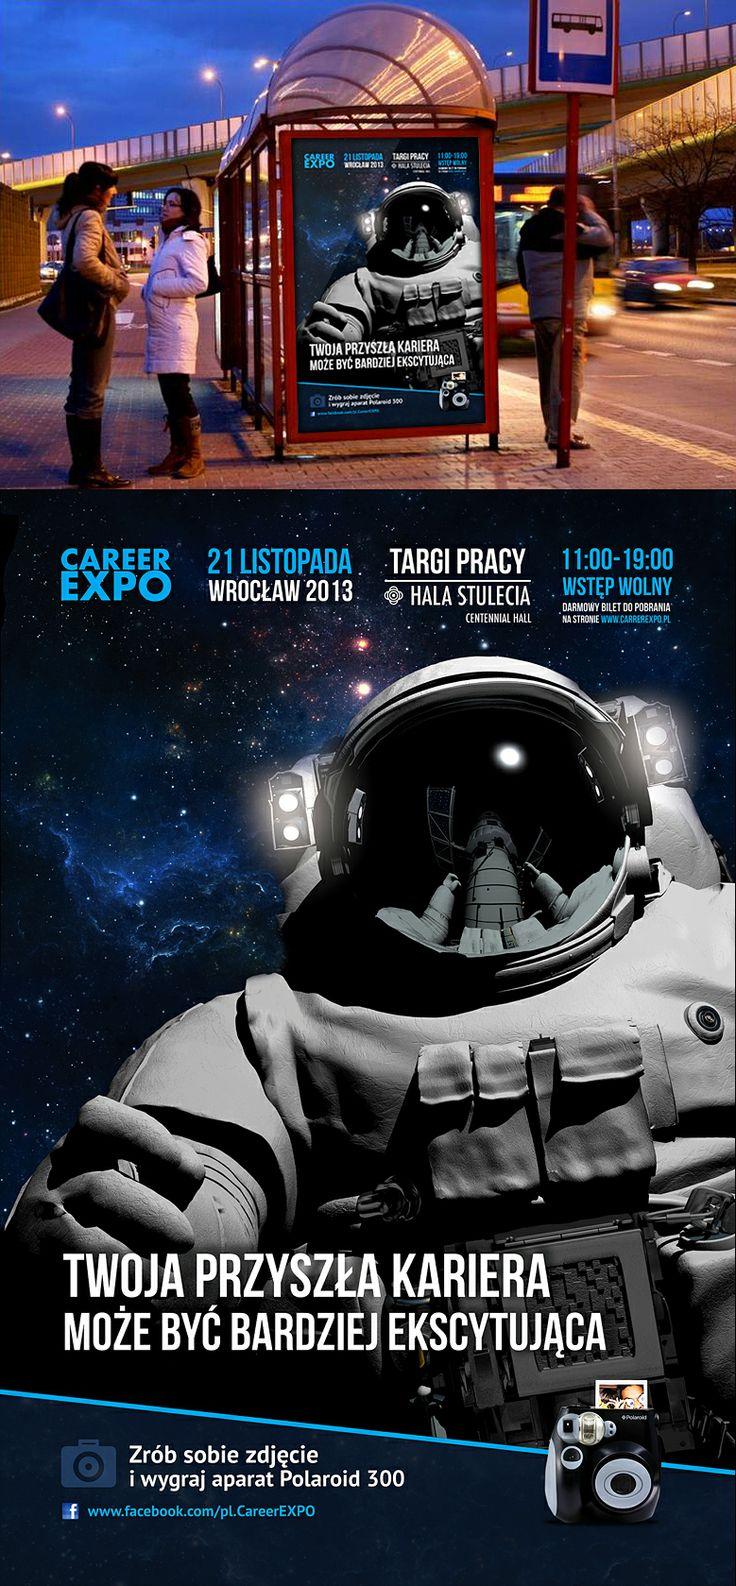 Preview kampanii ambientowej z astronautą